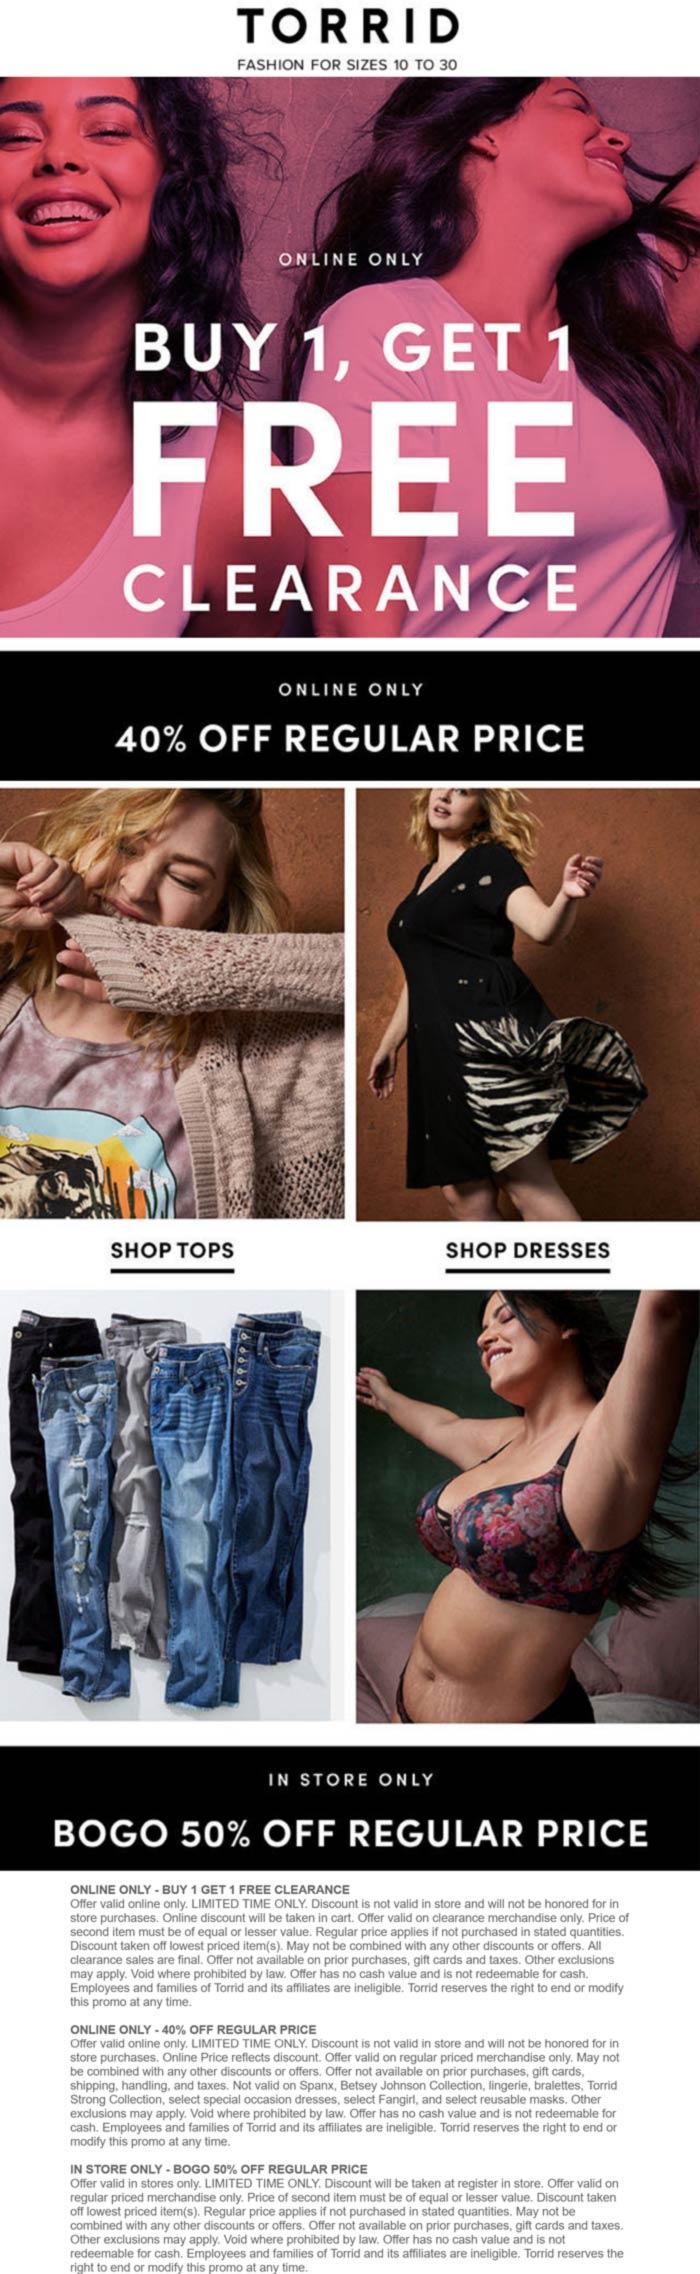 Torrid stores Coupon  Second item 50% off & more at Torrid, or BOGO clearance online #torrid